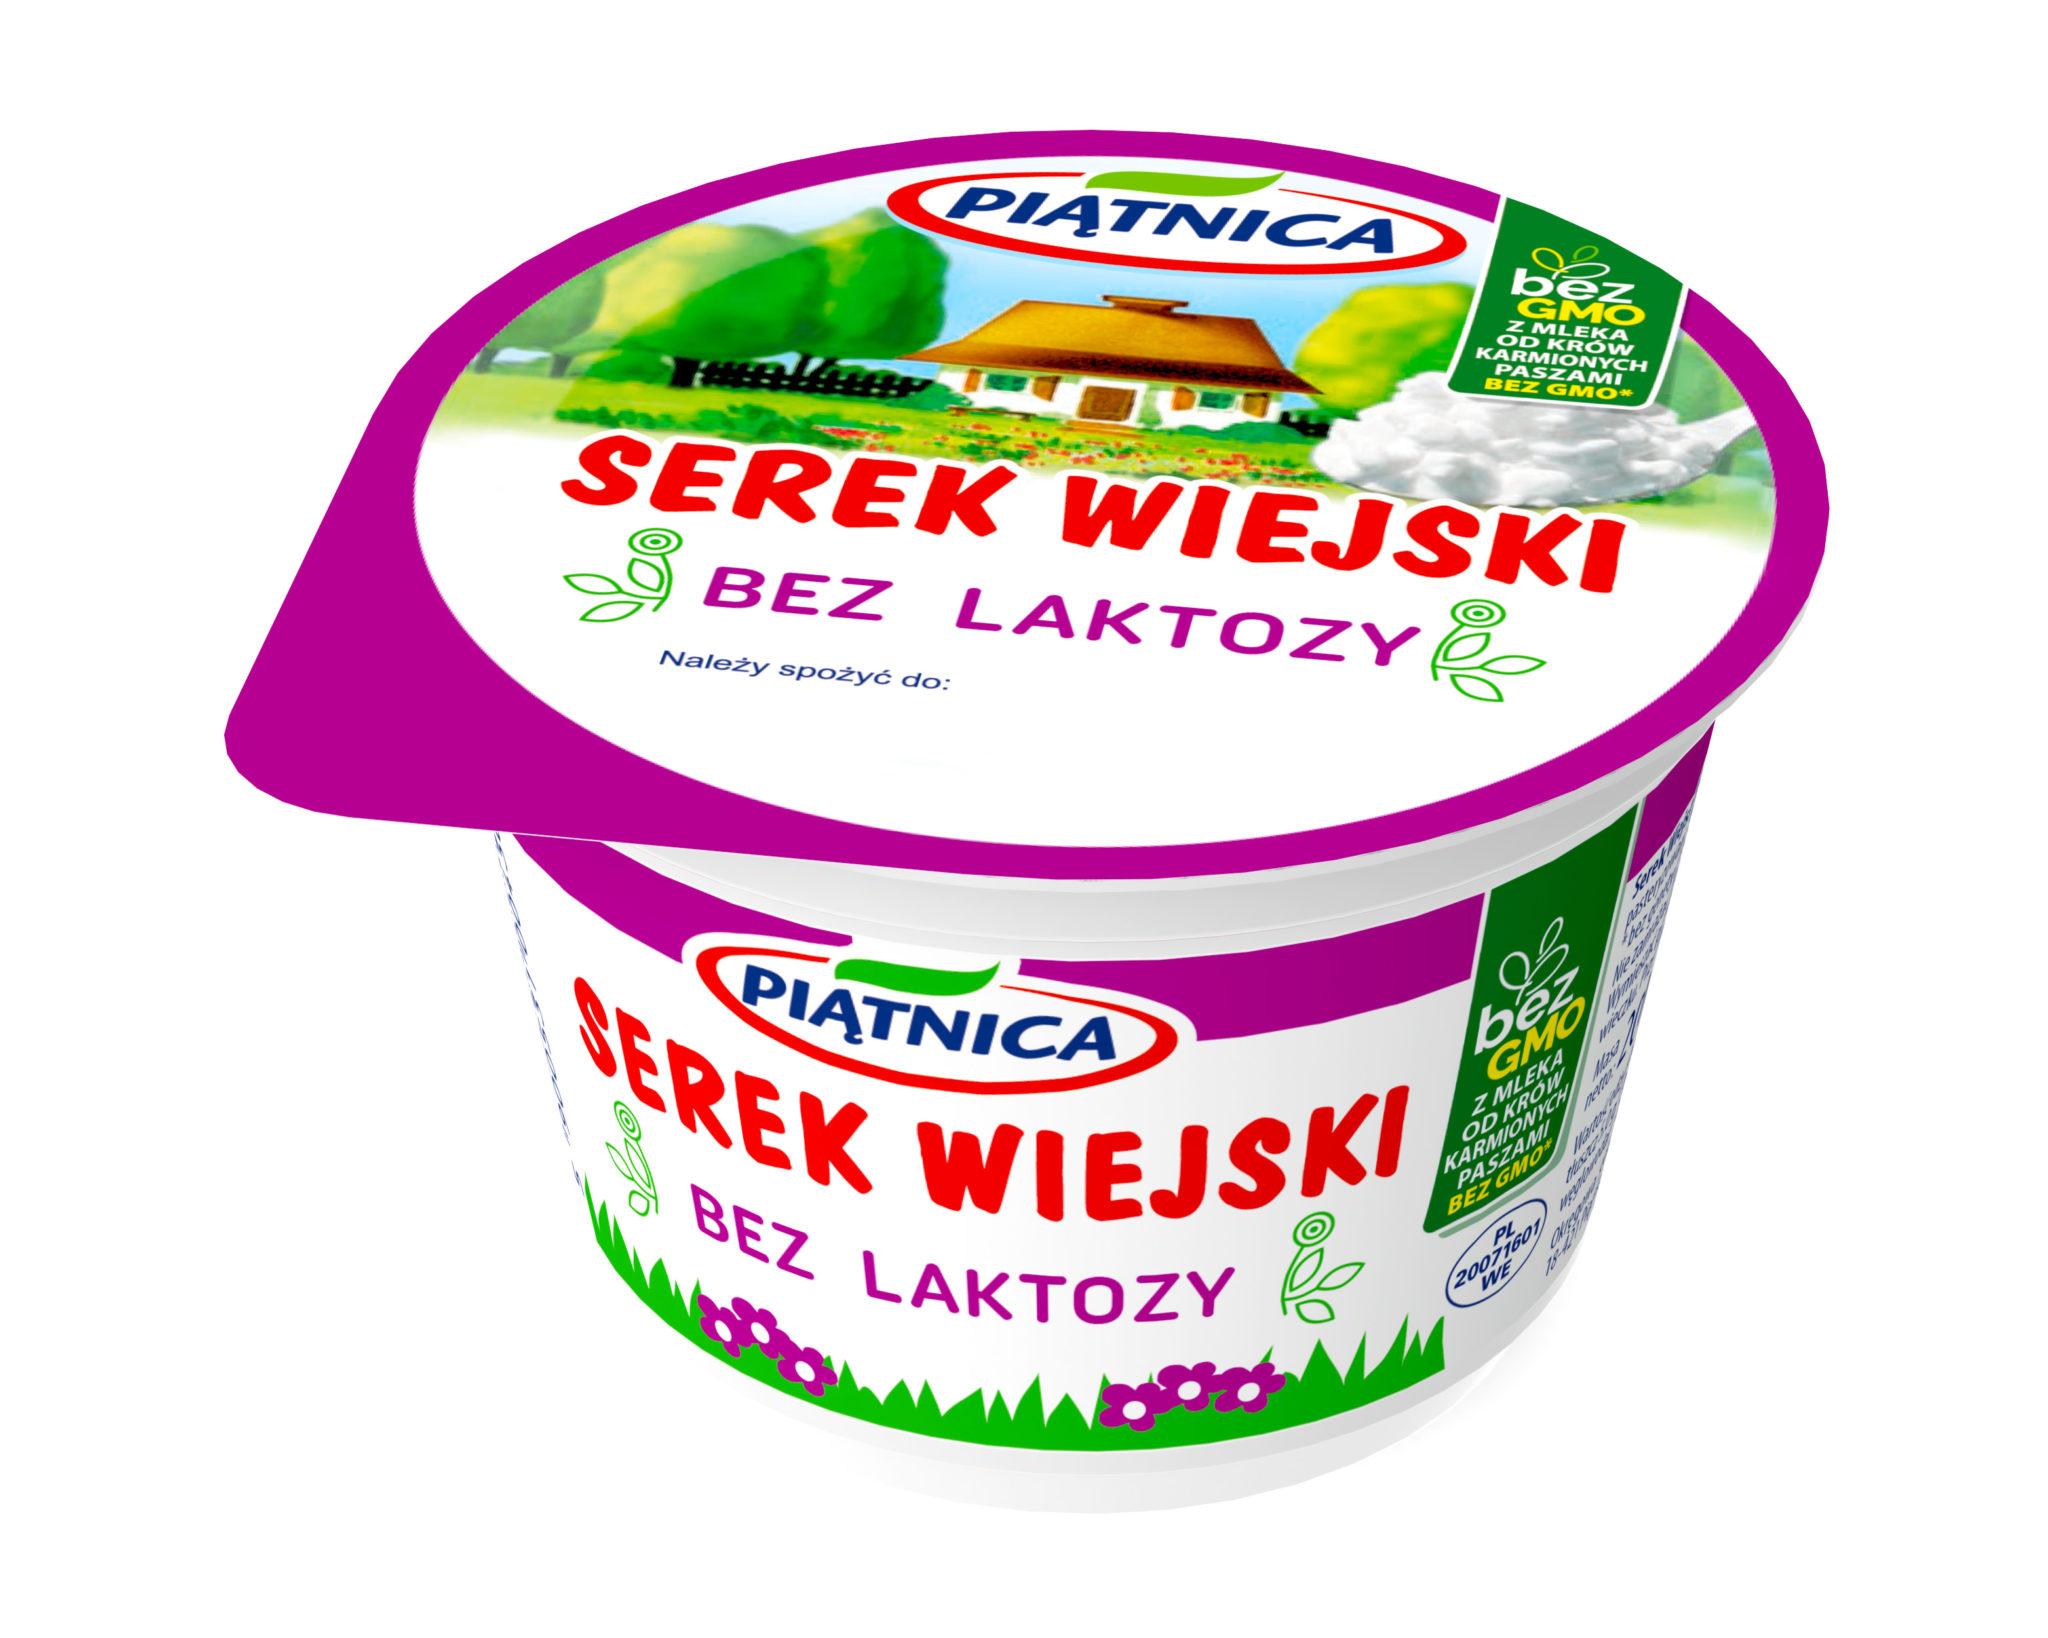 Serek Wiejski Bez Laktozy Od Osm Piatnica Rzodkiewka Na Zdrowie